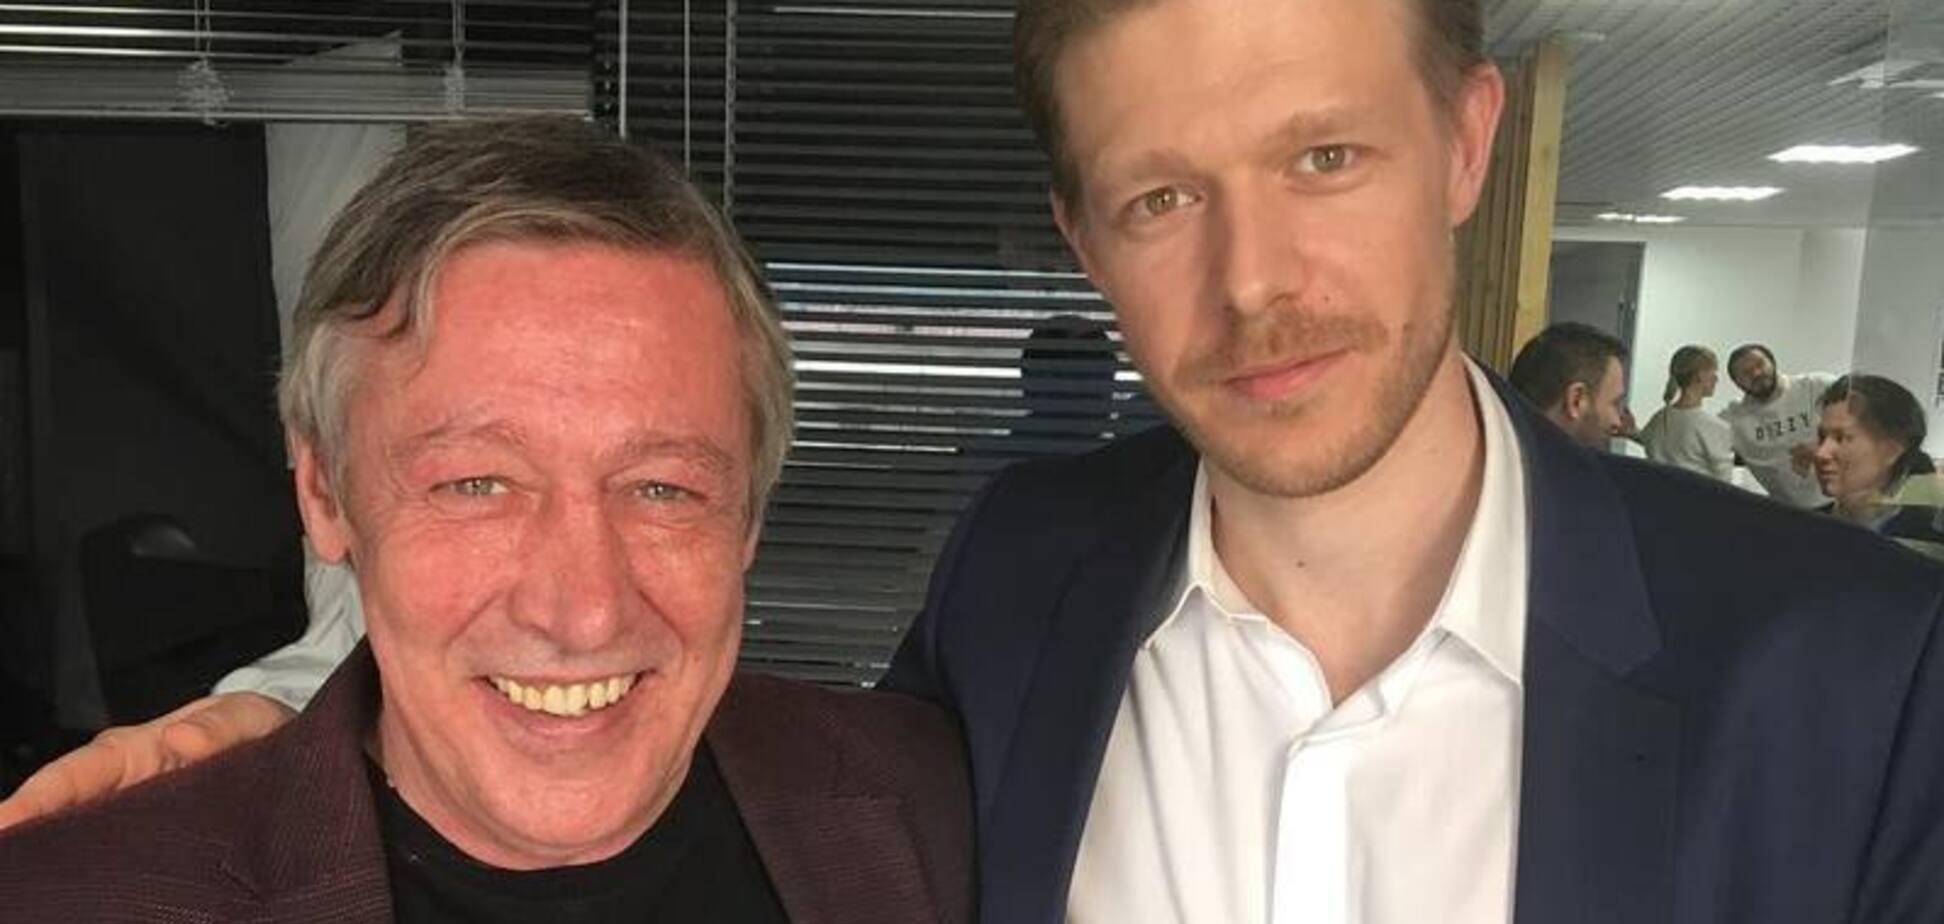 Никите Ефремову – 32 года: как сейчас живет и выглядит сын известного актера